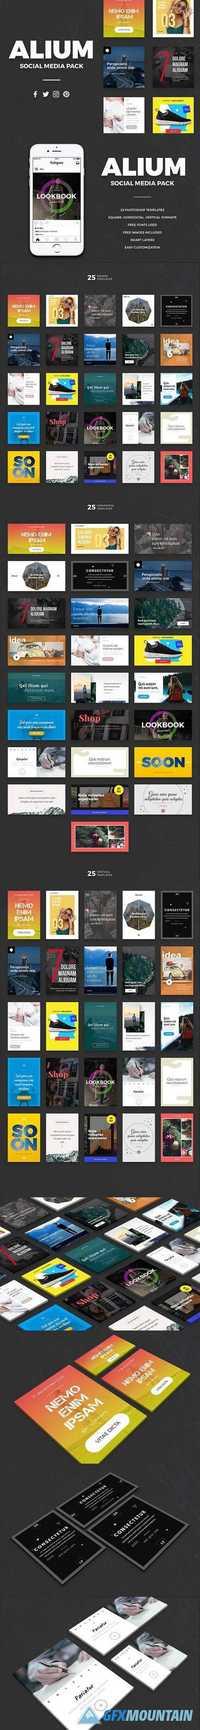 ALIUM | Social Media Pack 1138072